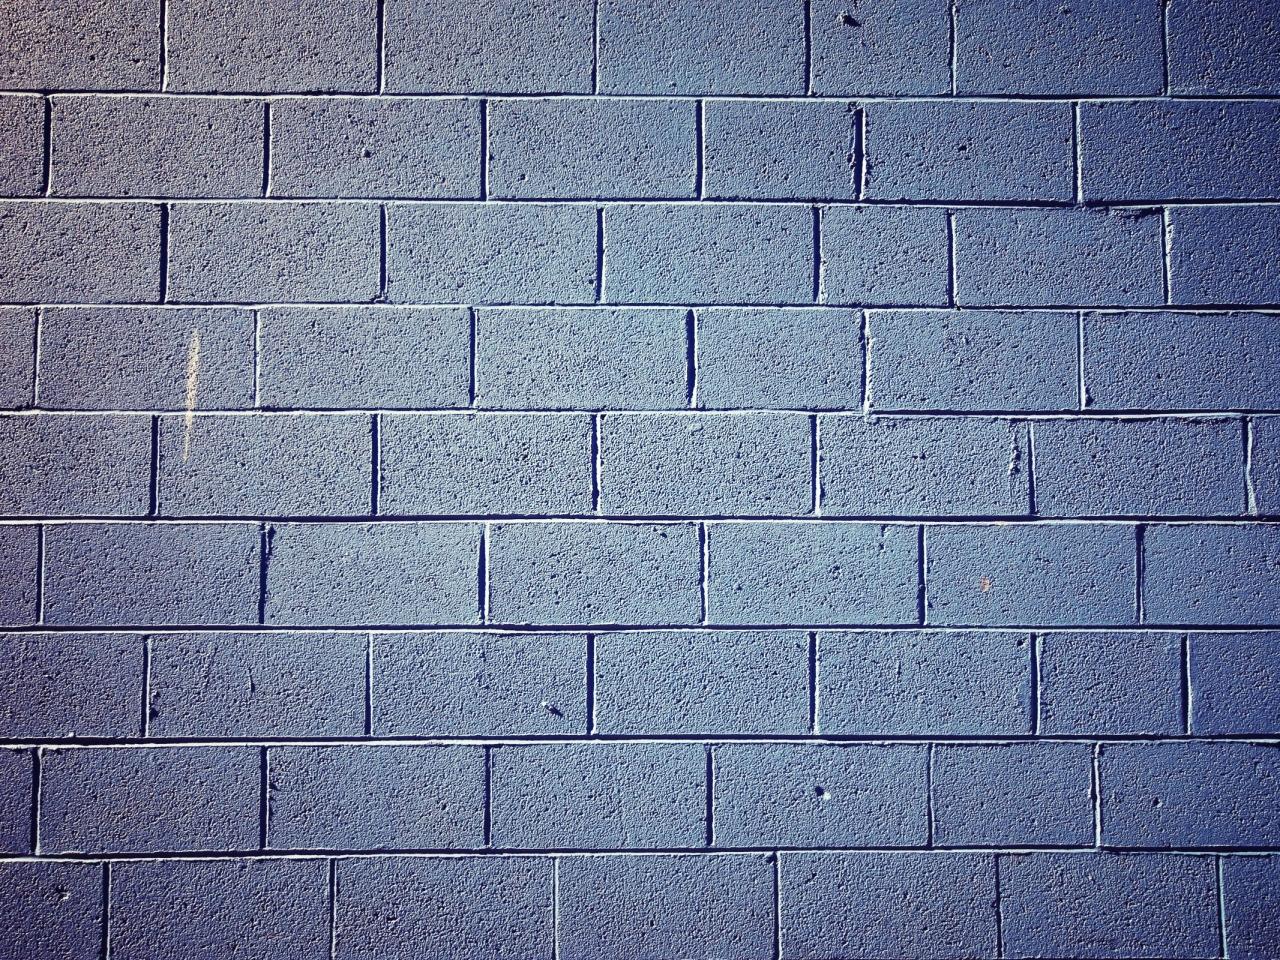 Textura de bloques de cemento - 1280x960